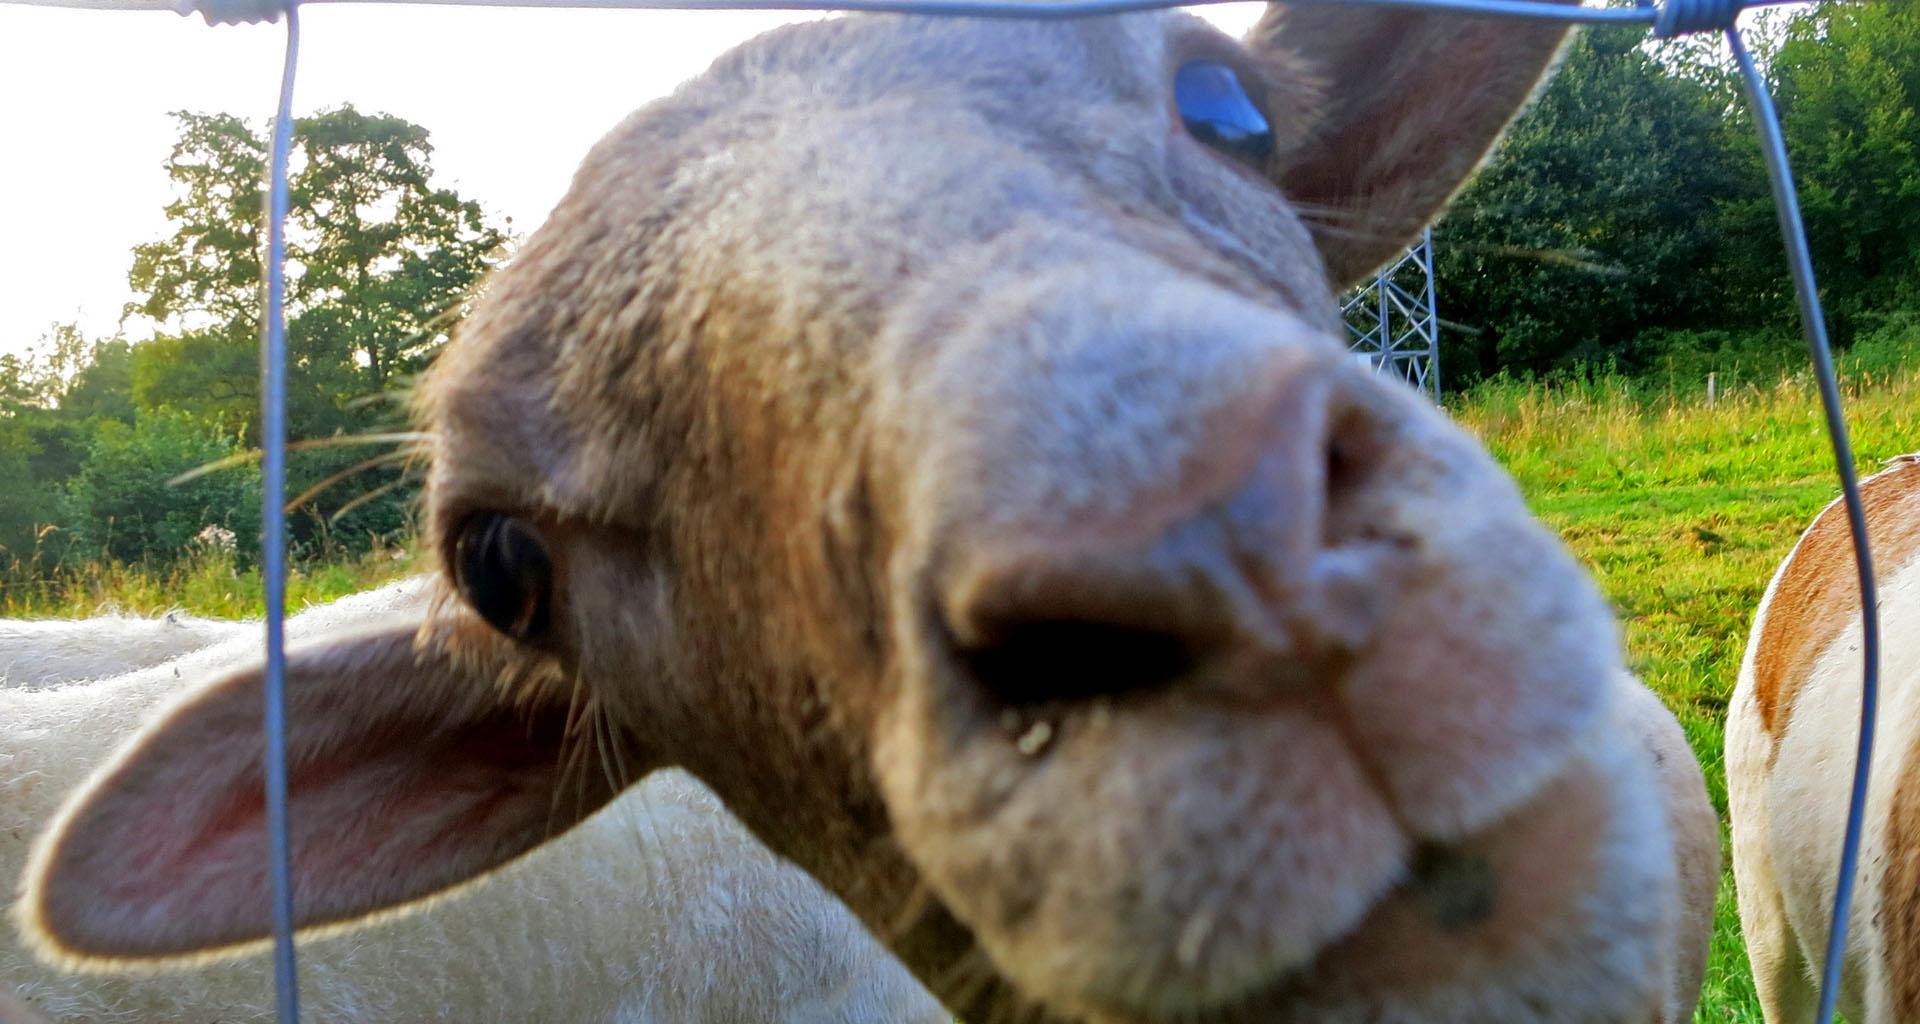 Schafe|Capuccino|Zauberwaldgarten